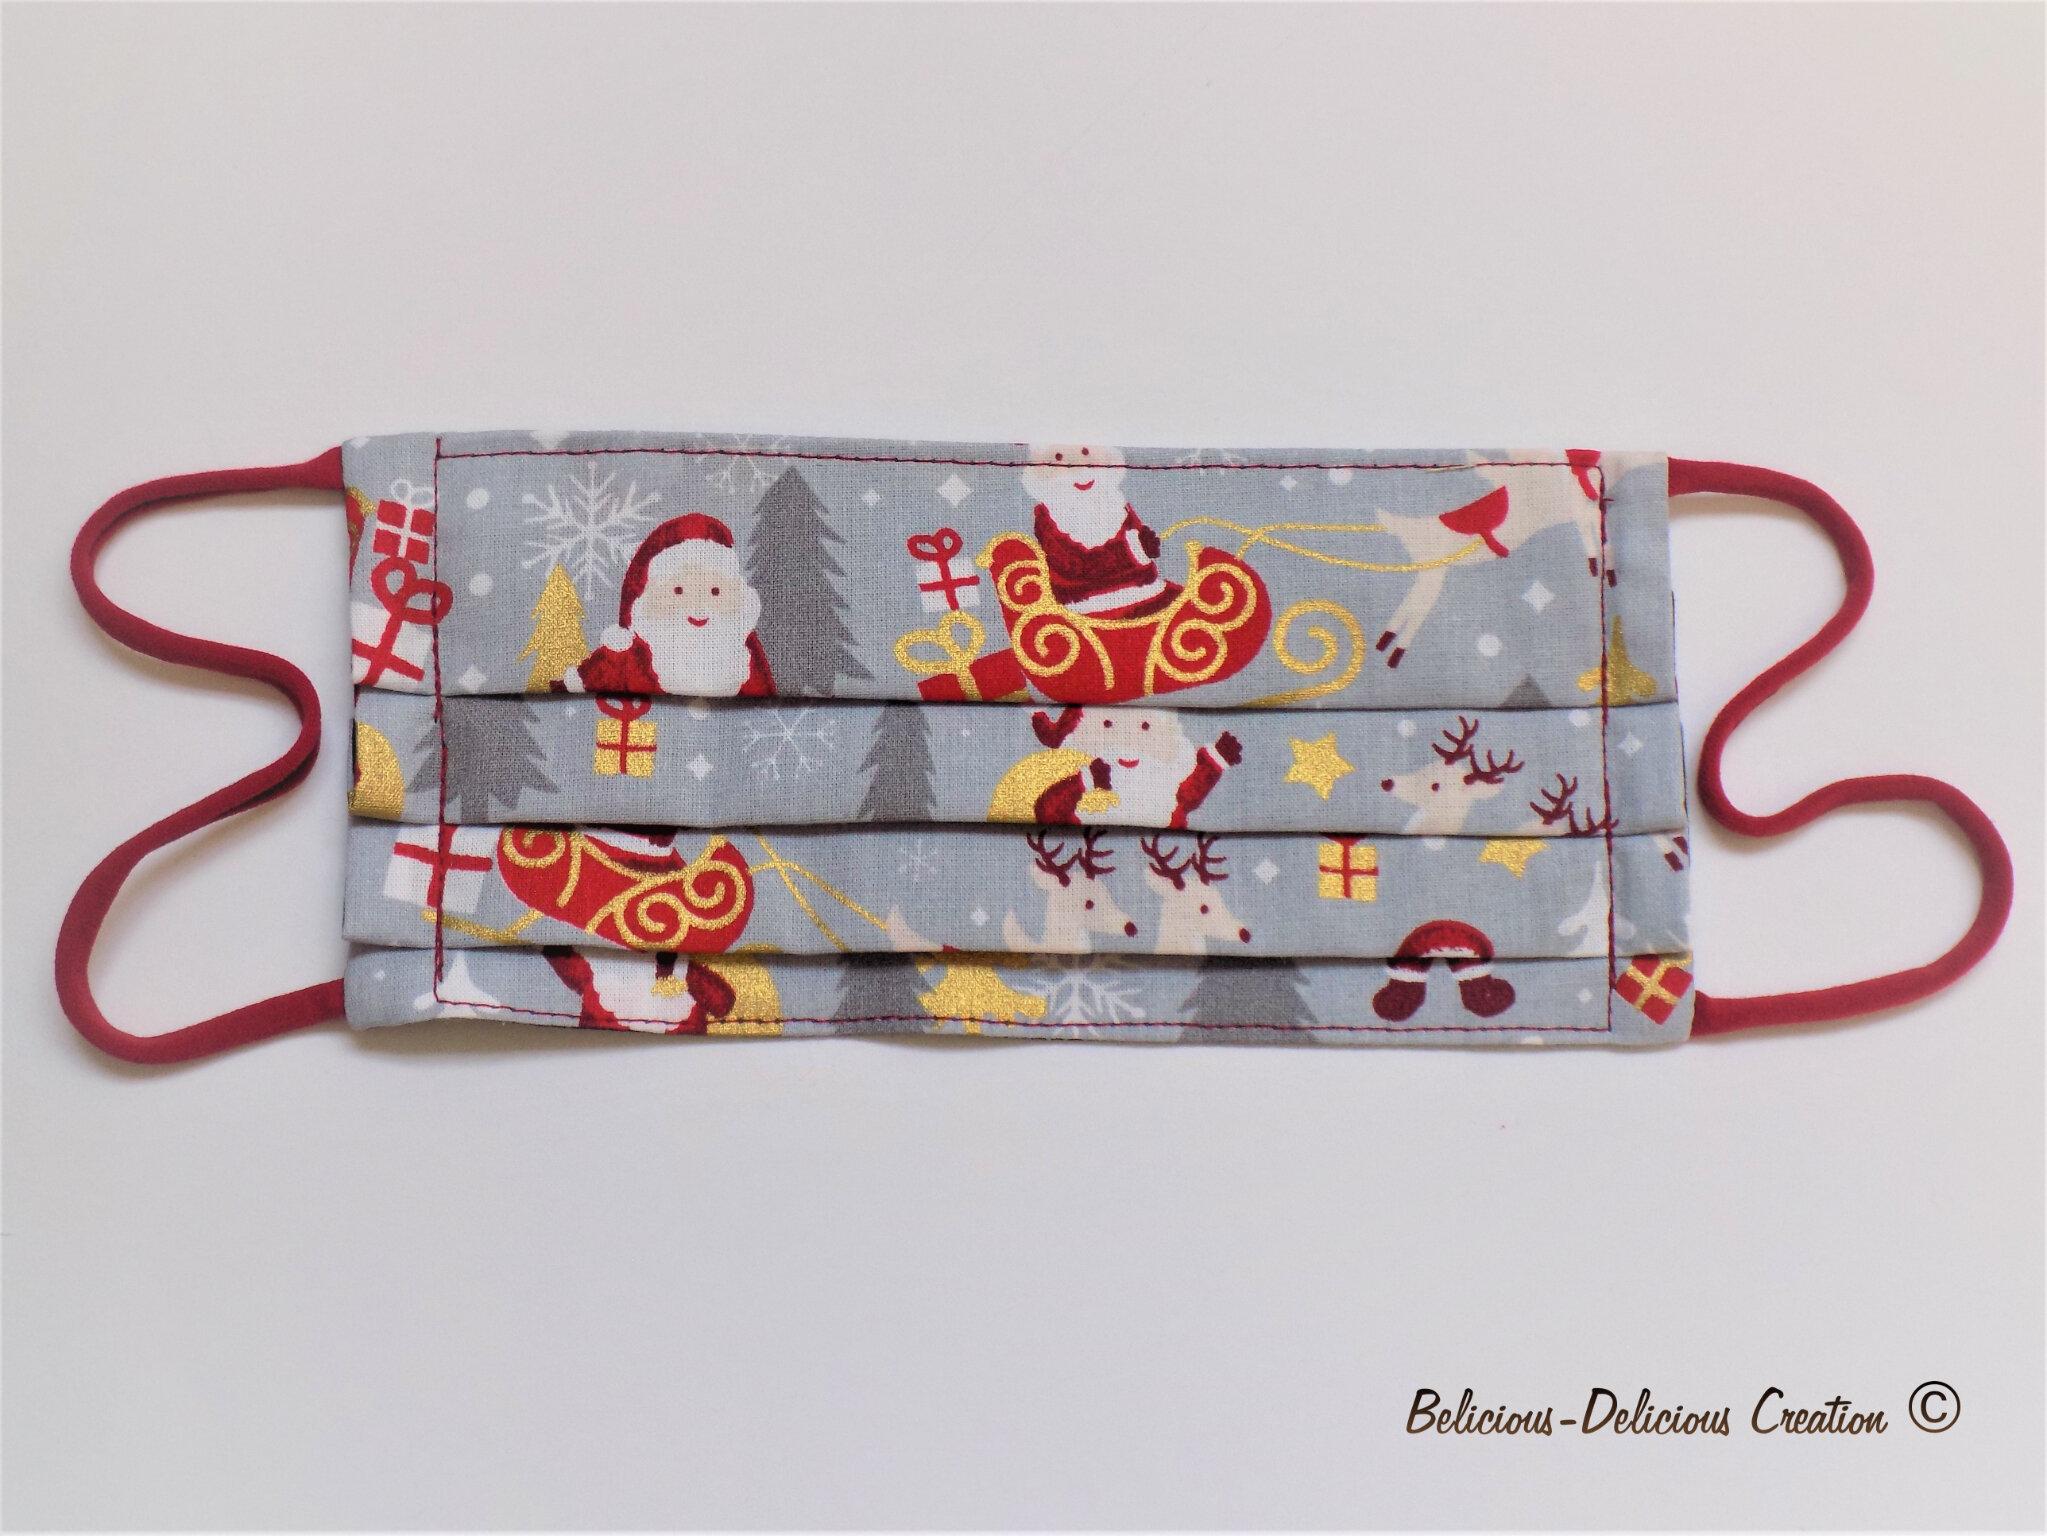 Unisex Original Masque visage en Tissu!! XMAS !!en Coton Rouge T:18cm wide 9cm Long Extensible à 17cm belicious-delicious